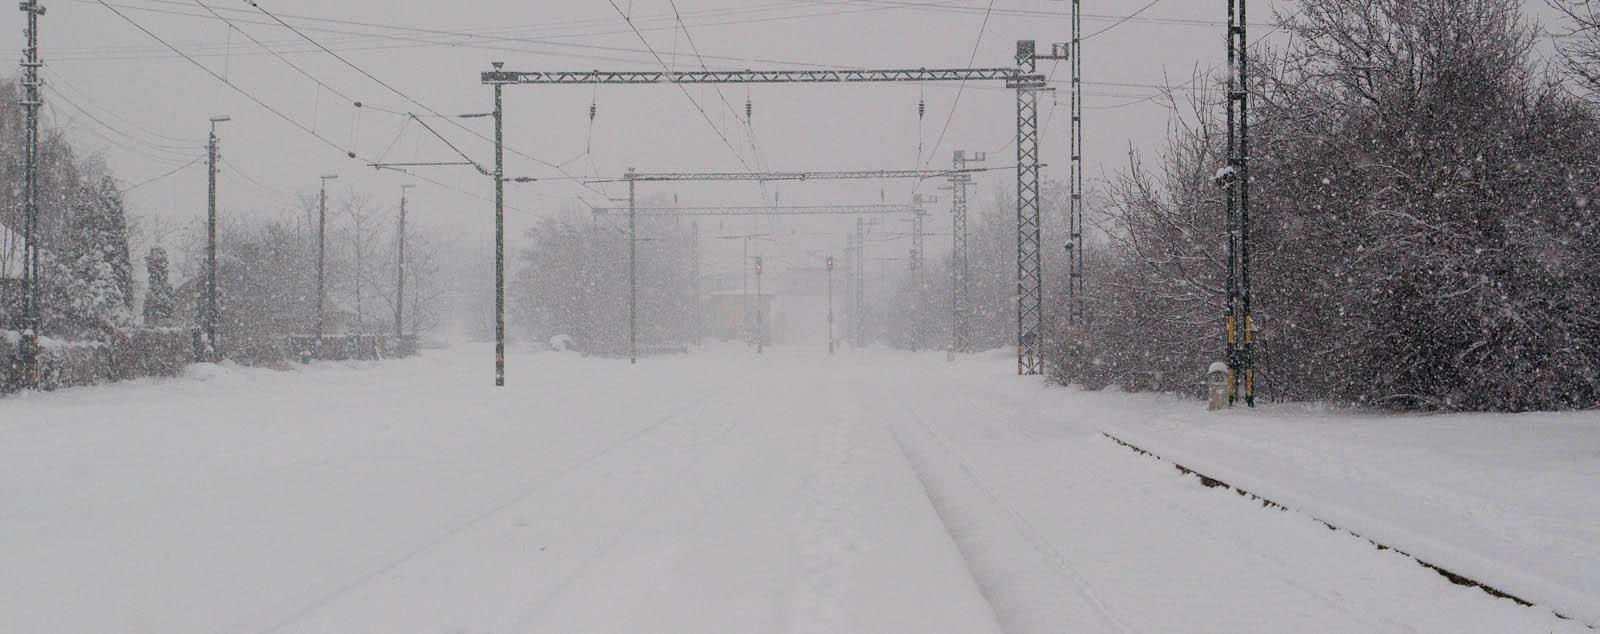 Budafok-Albertfalva vasútállomás